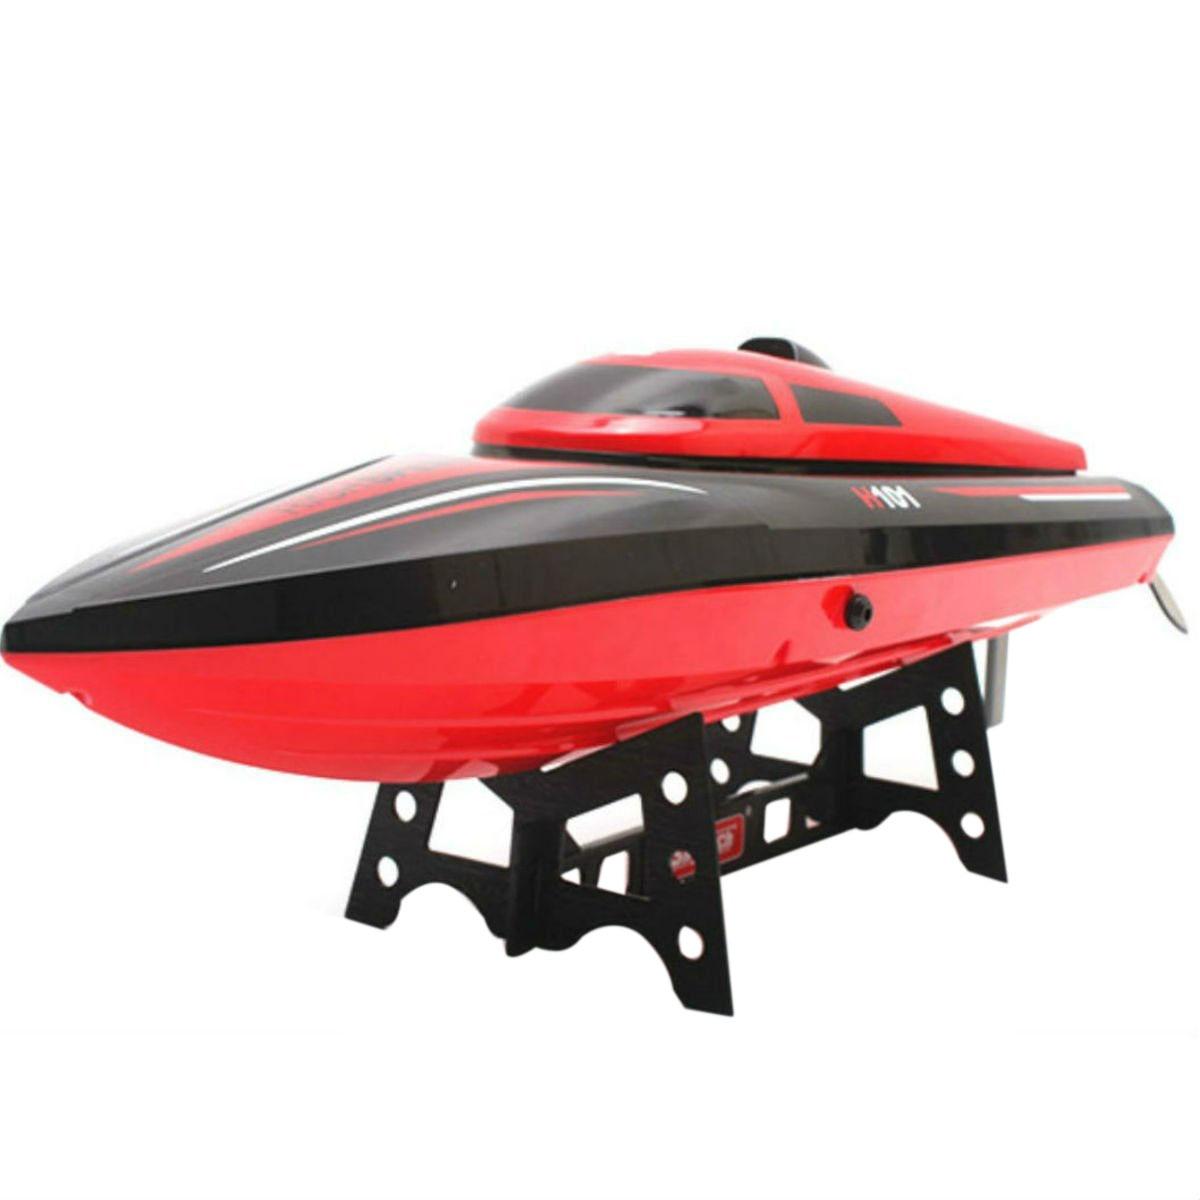 Bateau électrique télécommandé haute vitesse Skytech H101 2.4 GHz pour piscines, lacs et aventures en plein air